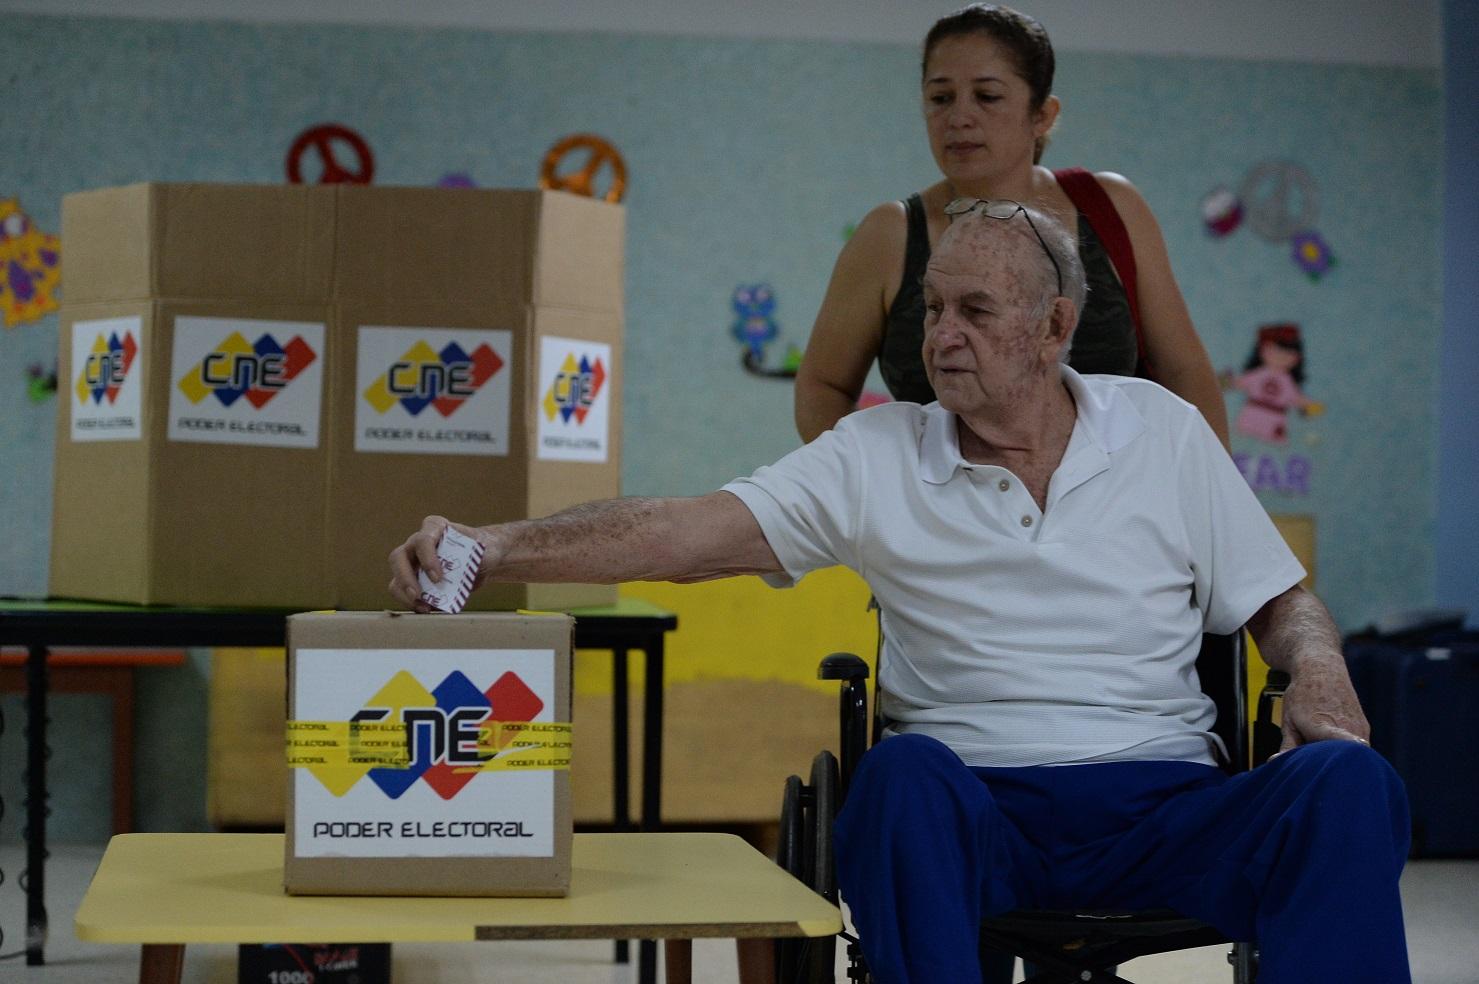 O Partido Socialista Unido da Venezuela (PSUV), liderado pelo presidente Nicolás Maduro, elegeu 18 dos 23 novos governadores. Foto Federico Parra